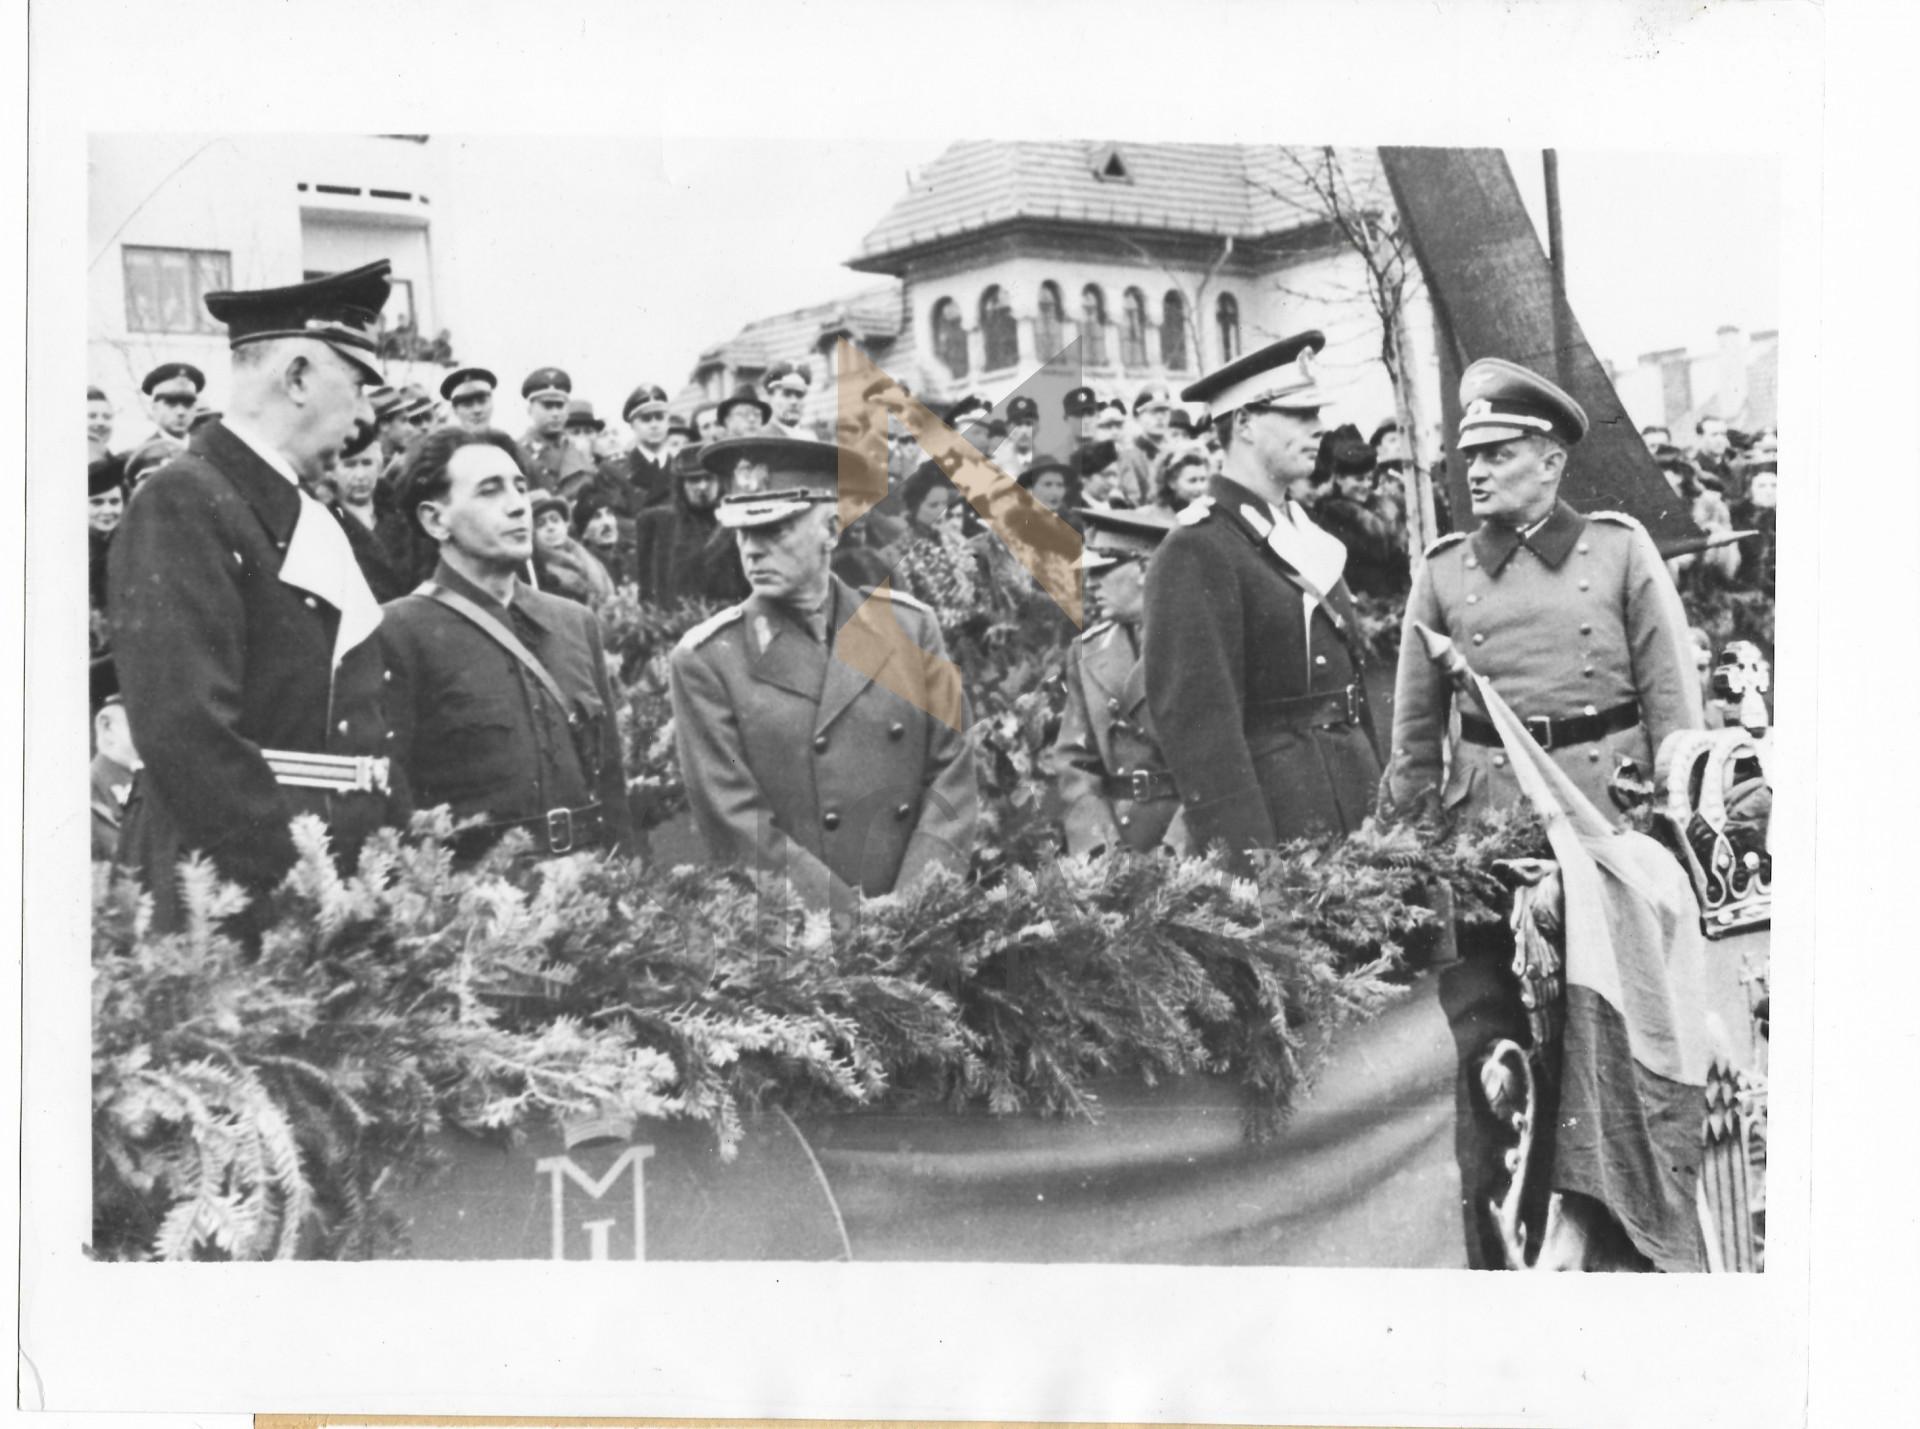 FOTOGRAFIE, REGELE MIHAI, MARESALUL ION ANTONESCU SI HORIA SIMA, BUCURESTI, 1941